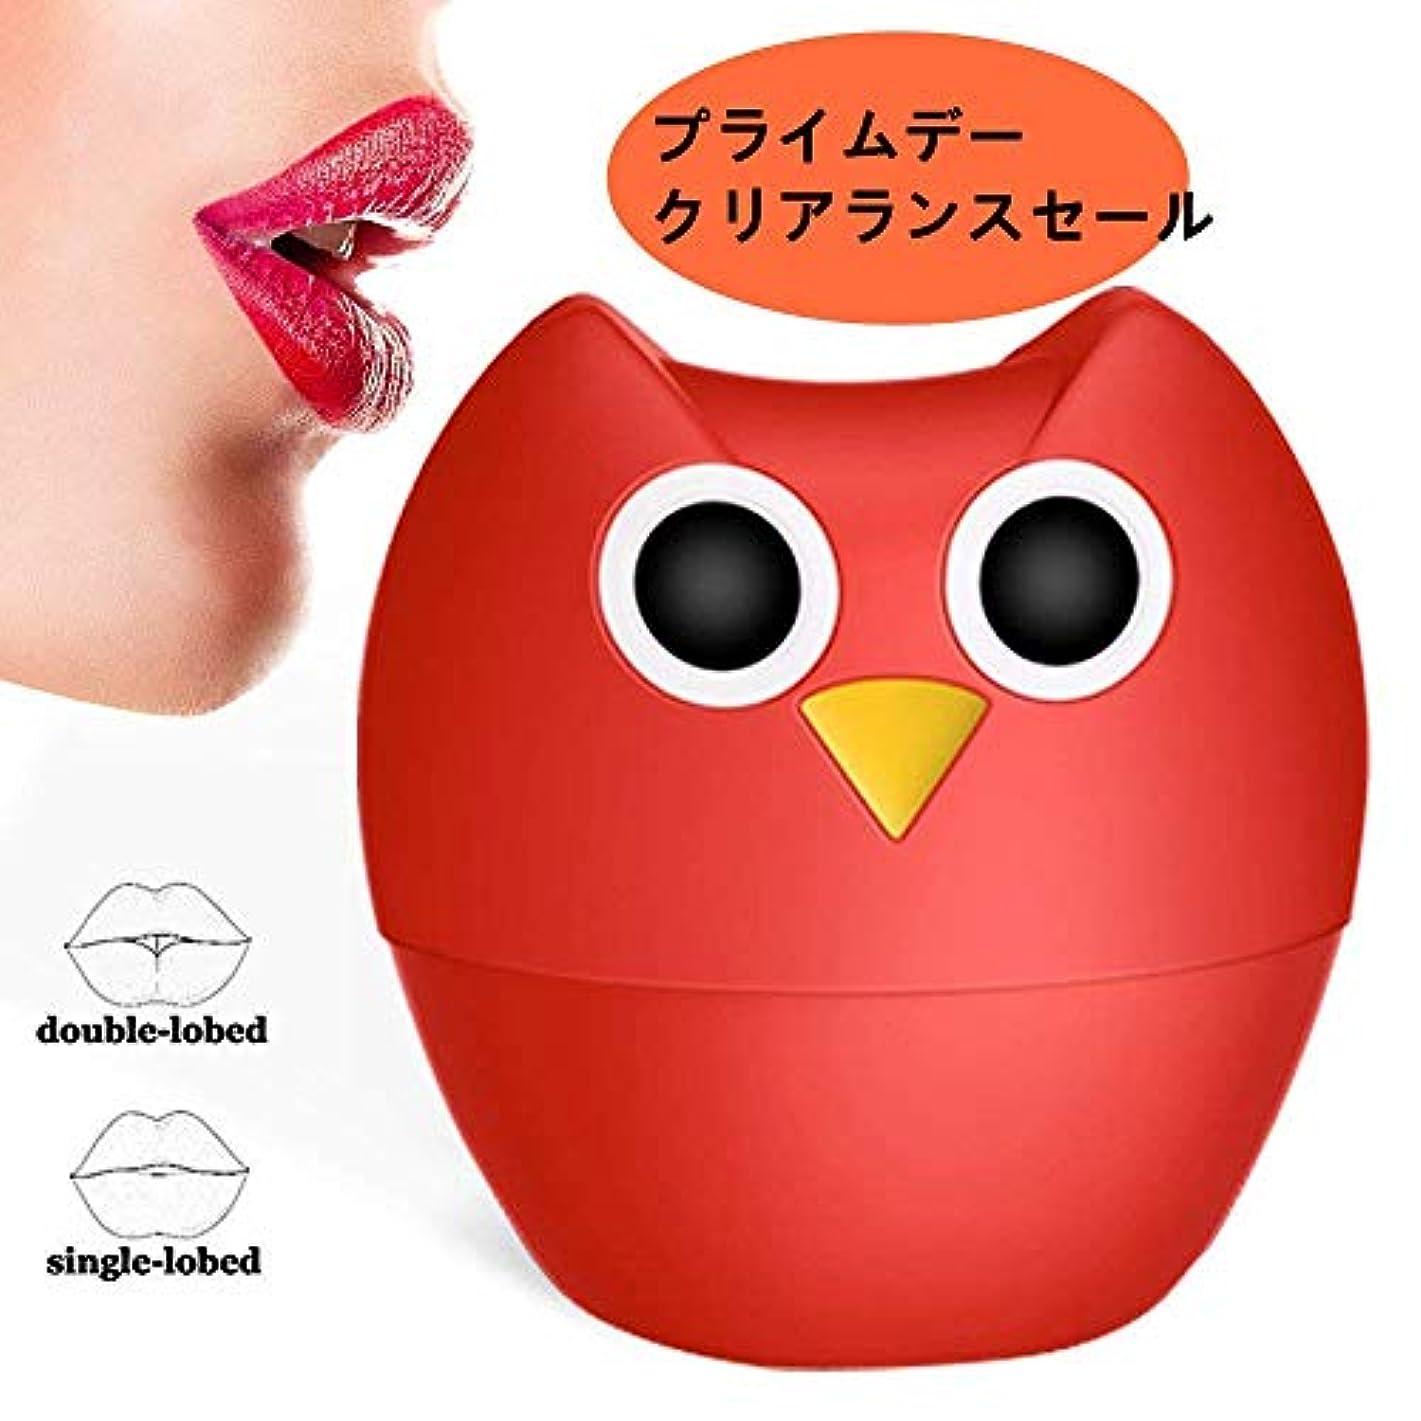 接辞標高データムMEXITOP リップエンハンサー リッププルーパー 口プチ セクシーリップスリップエンハンサー マジックリップス リップス セクシーリップス 唇を簡単 ボリュームアップ lip plumper sexyな唇に